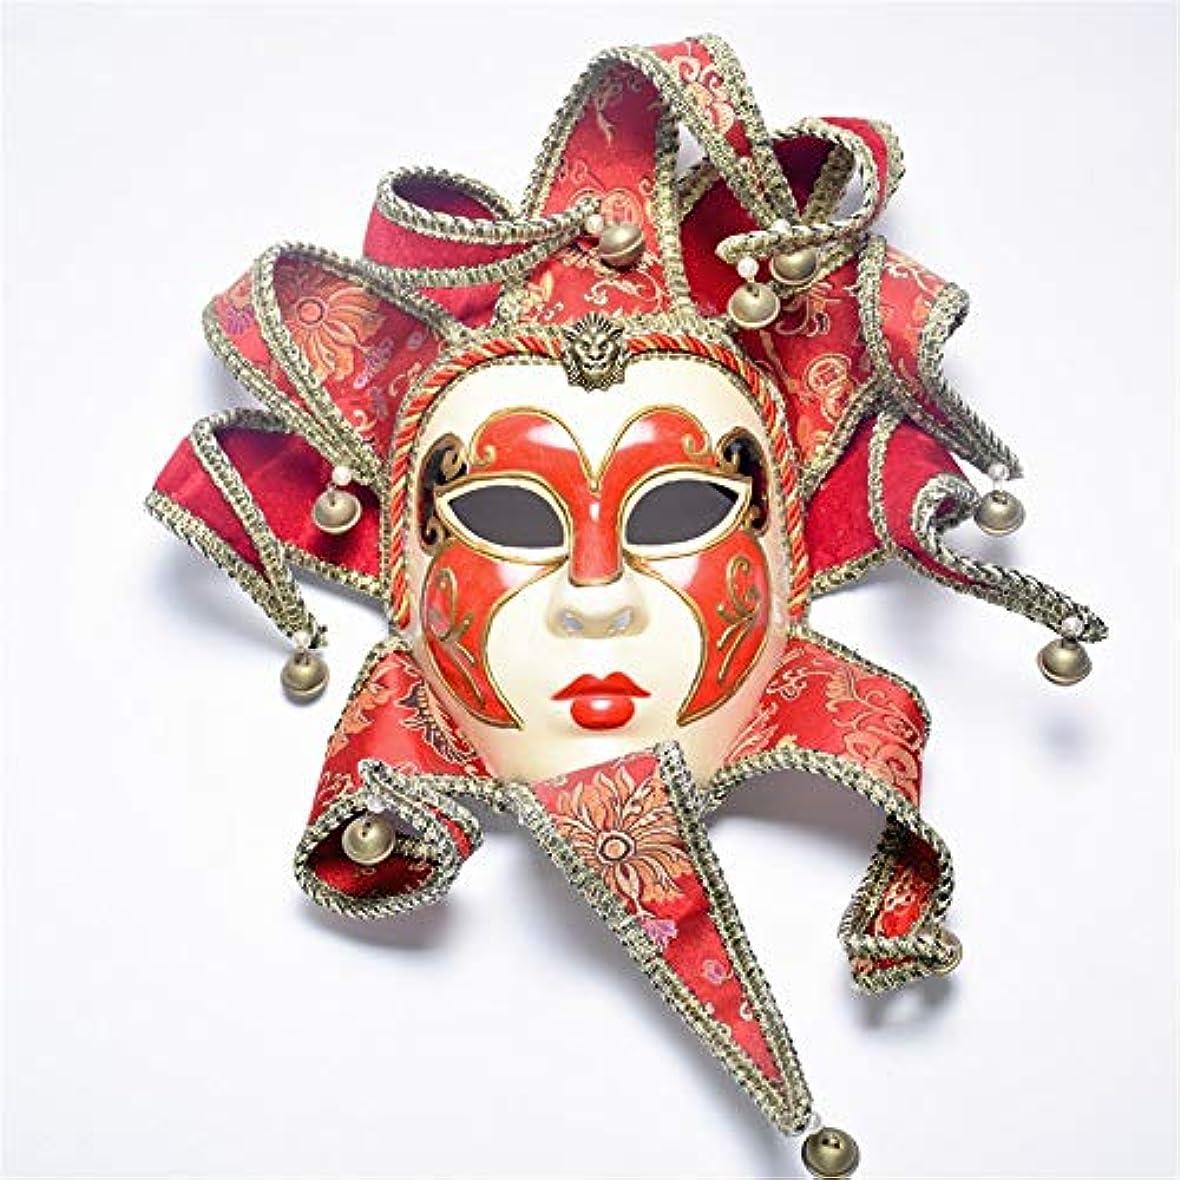 高度な短くする過敏なダンスマスク フルフェイスマスク高級パーティーベルマスク女性マスククリスマスフェスティバルロールプレイングプラスチックマスク ホリデーパーティー用品 (色 : 赤, サイズ : 49x29cm)